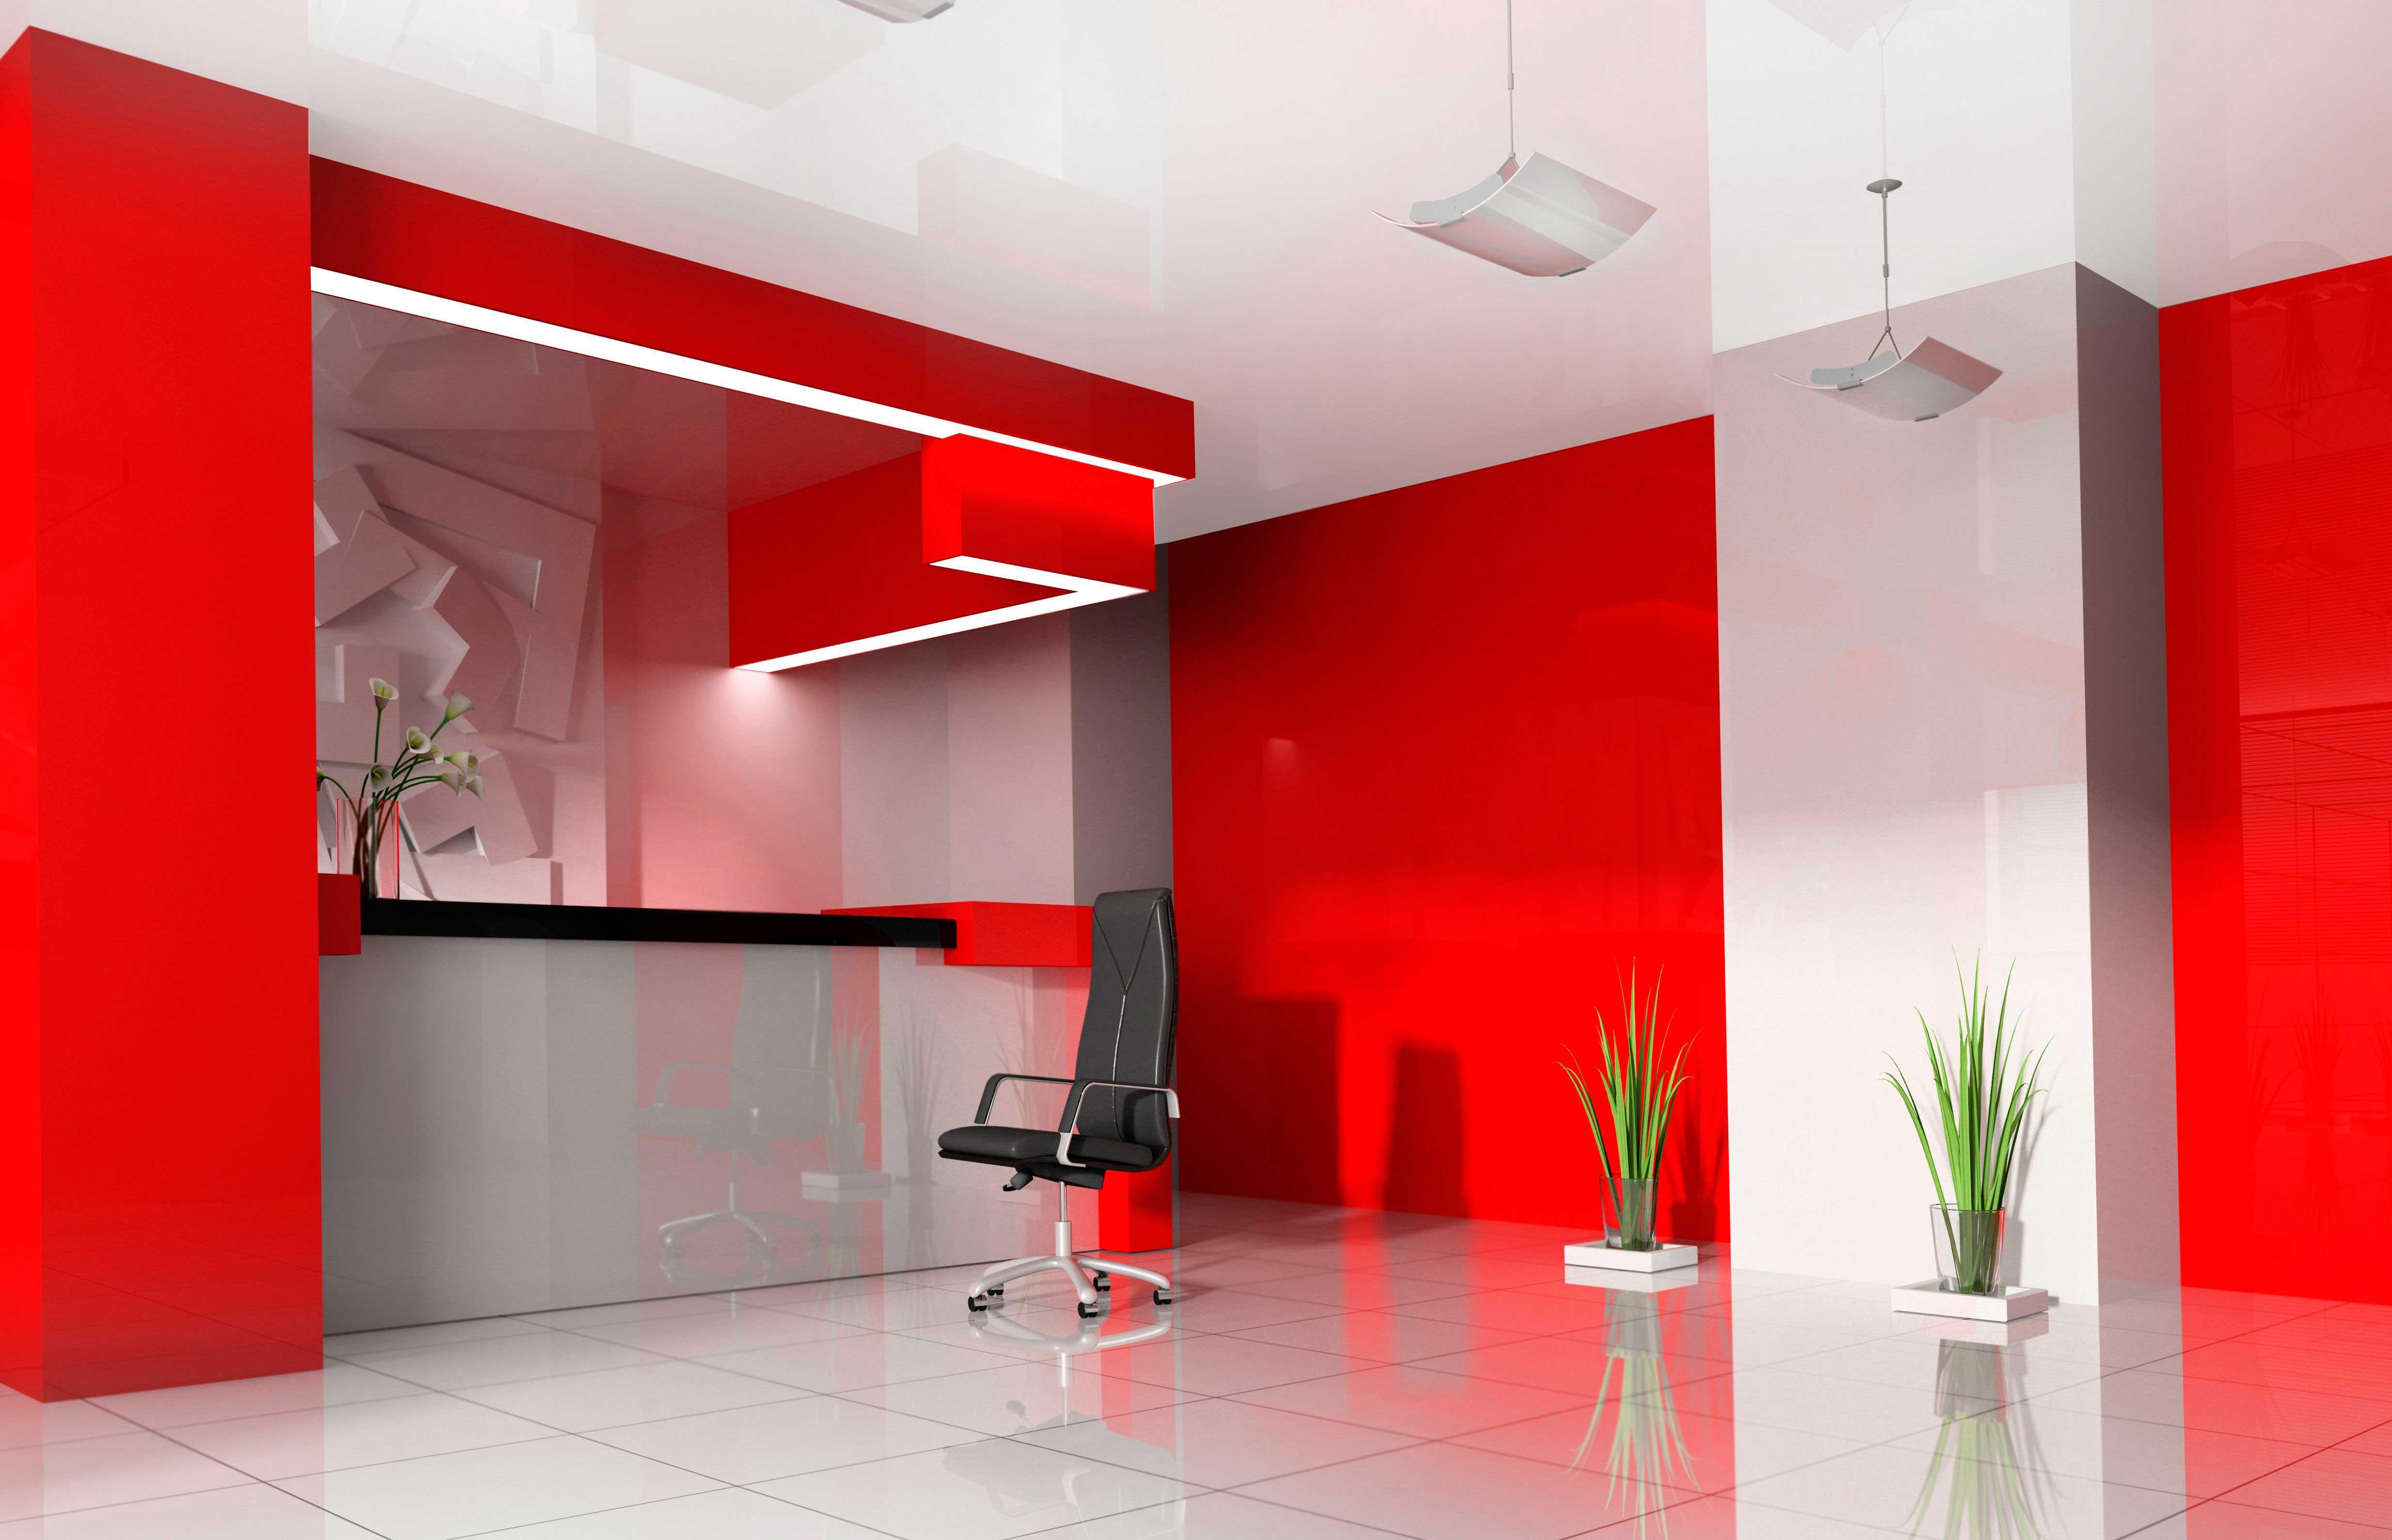 diseño de interiores soluciones constructivas luminación profesional fabricantes de luminarias iluminación hospital modulares para led